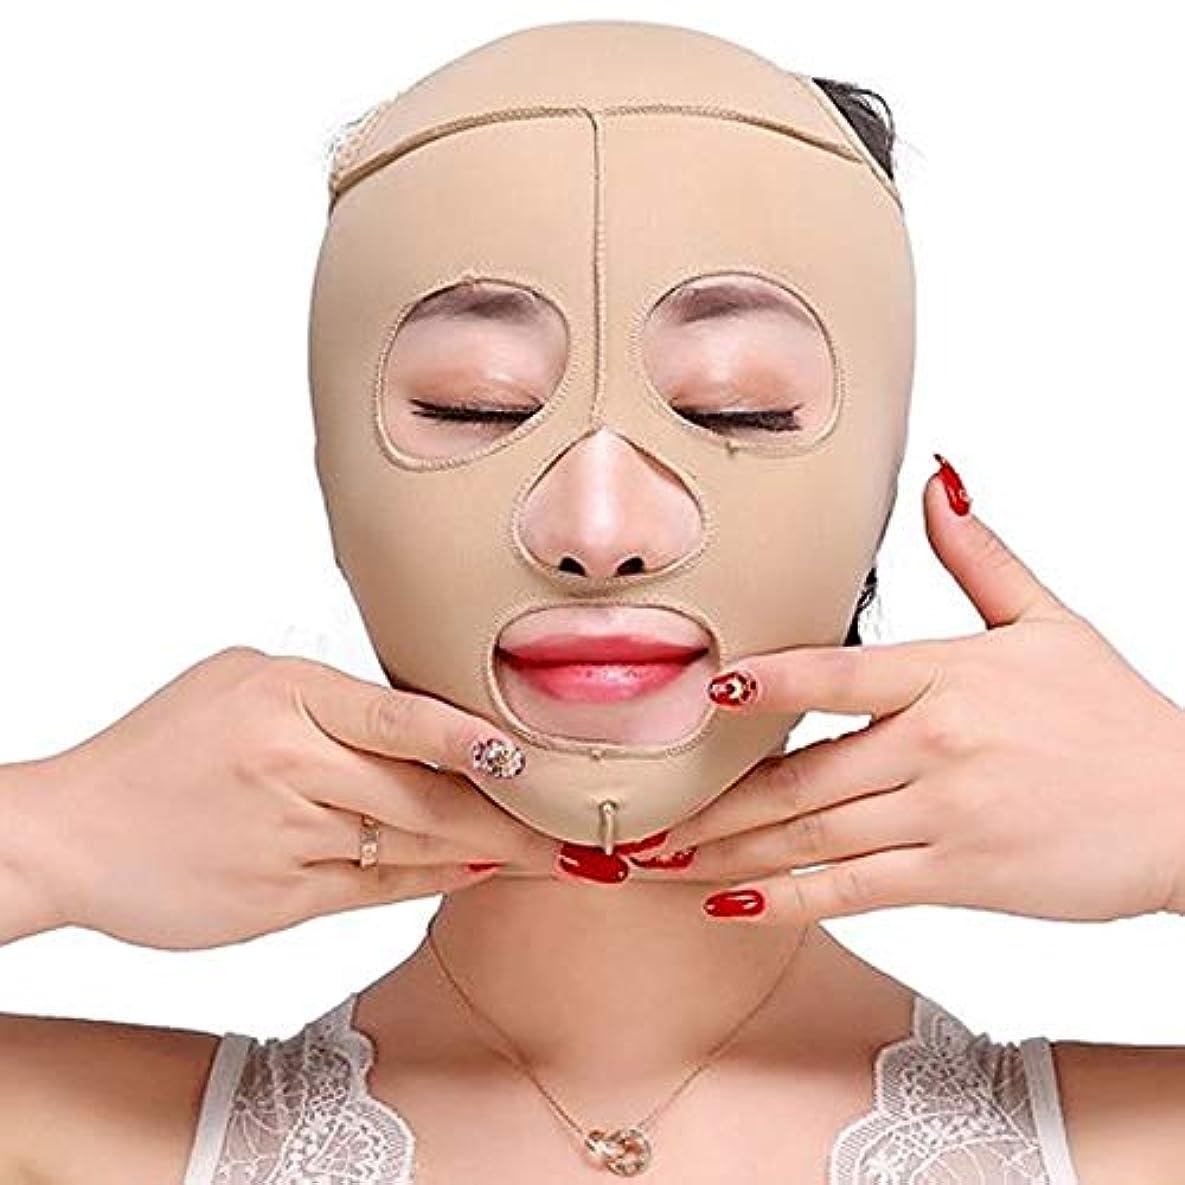 つばバリケードいくつかのMinmin フェイスリフティングアーティファクト睡眠薄い顔顔の顔薄い顔V顔マスク二重あご薄い顔包帯肌色 みんみんVラインフェイスマスク (Size : S)